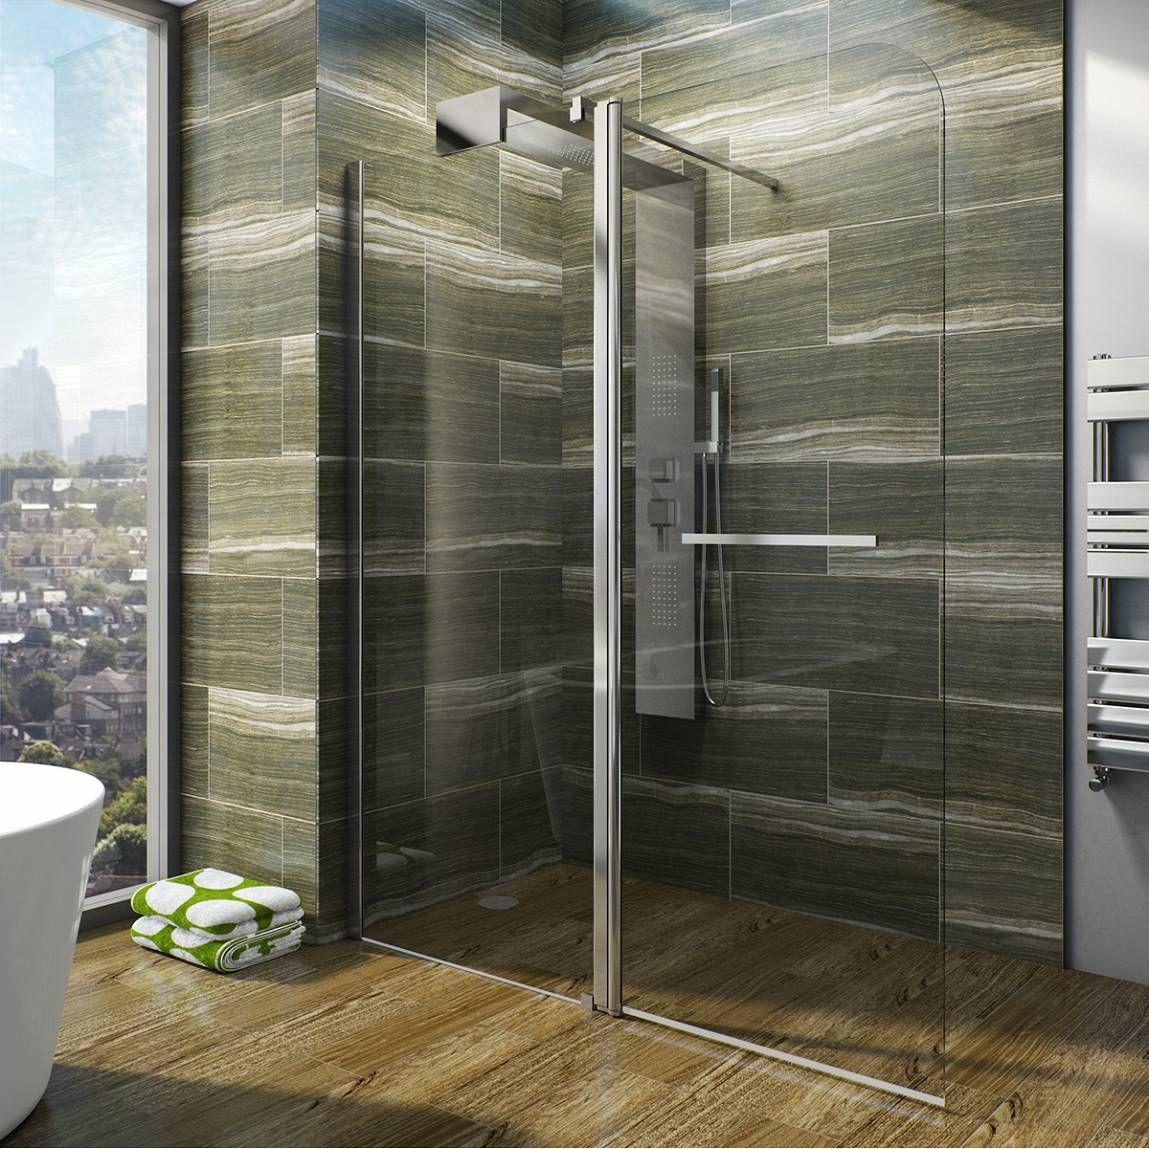 Bathroom Mirrors Victoria Plumb v6 designer walk in enclosure 1600 x 800 - victoria plumb | ideas